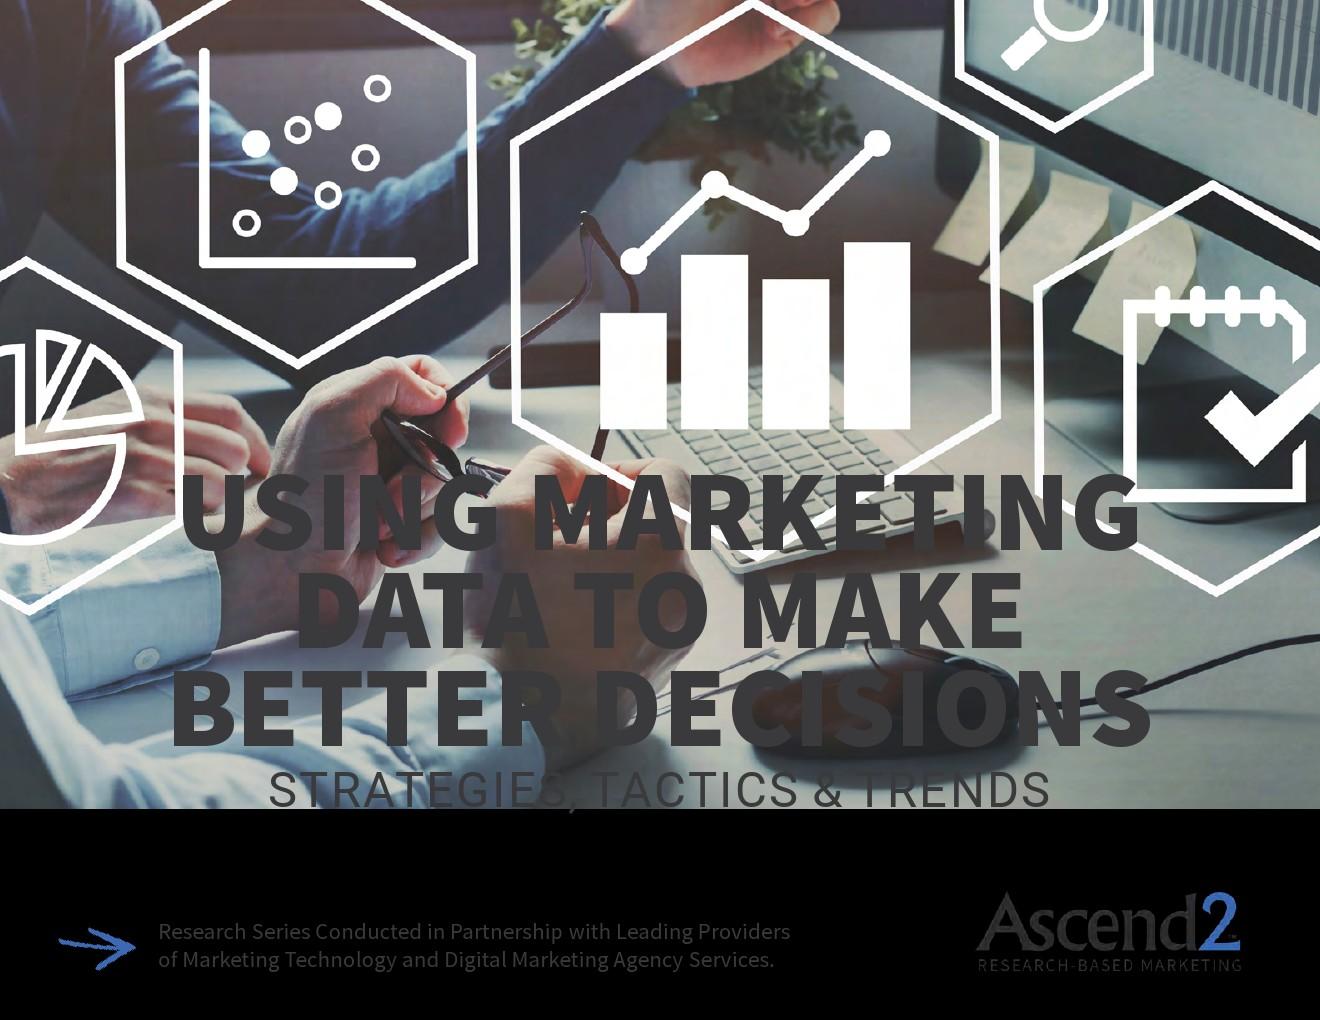 Ascend2:利用营销数据制定更好的决策报告